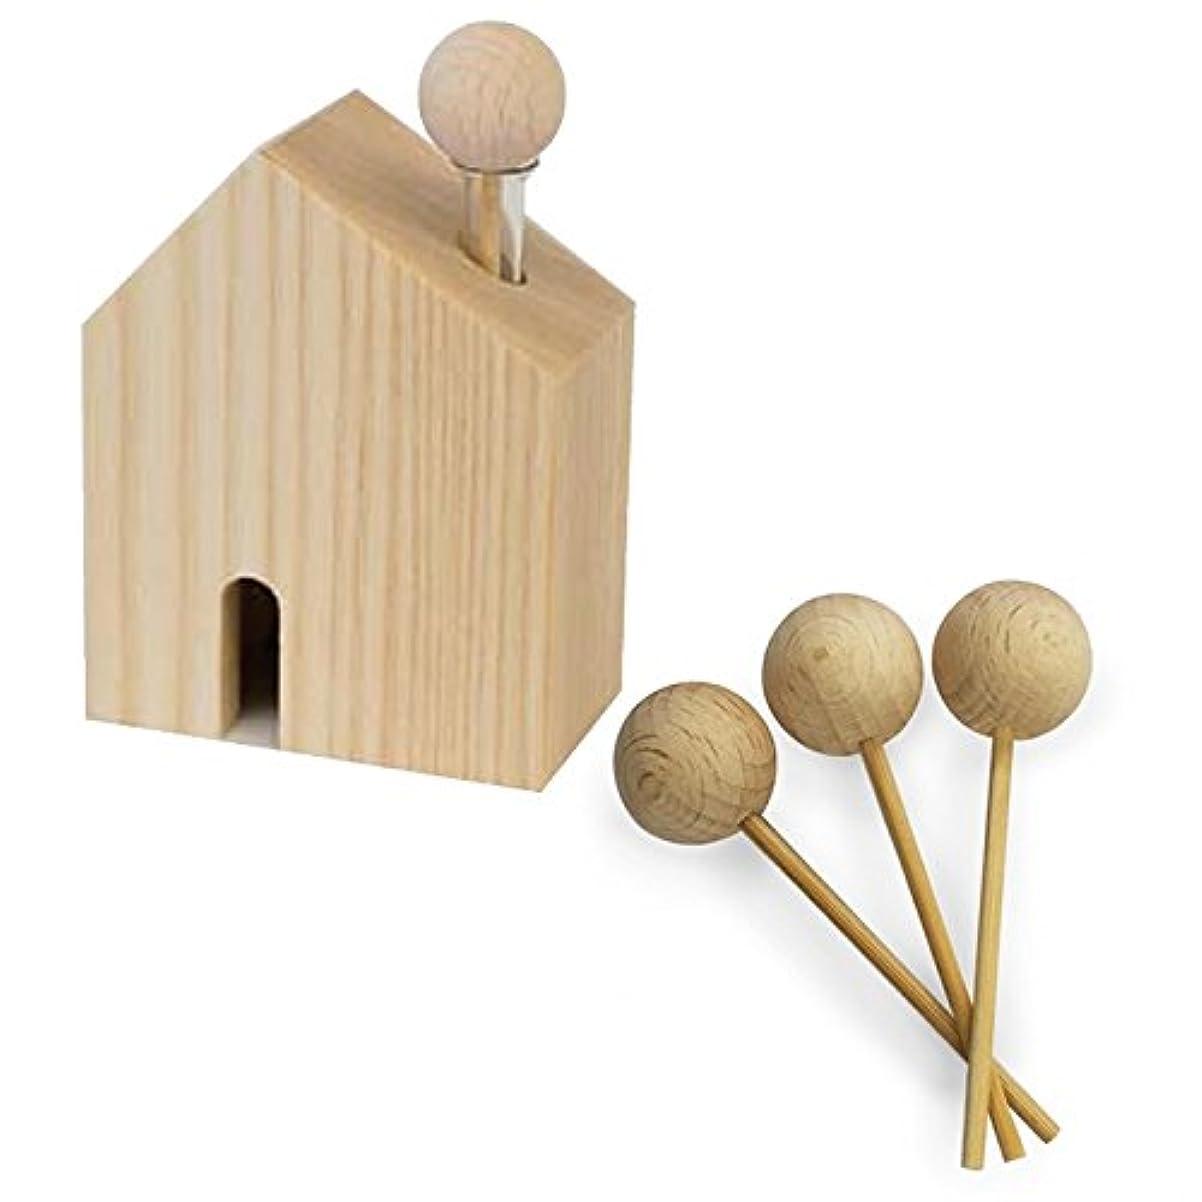 九月スクリーチ素晴らしい良い多くのHARIO ハリオ アロマ芳香器 木のお家 交換用木製スティック3本付